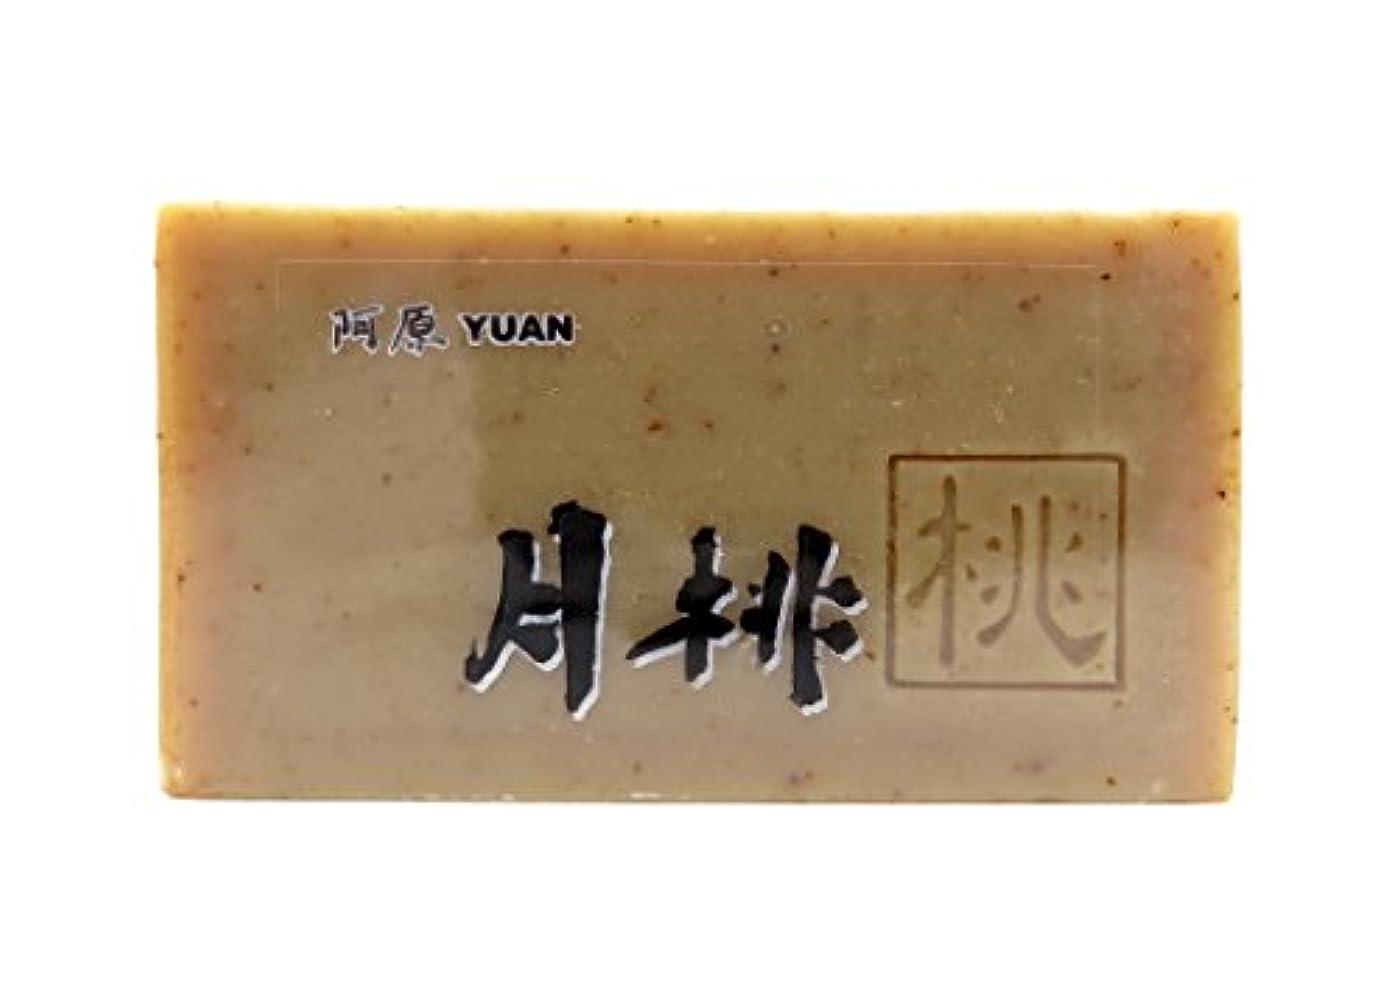 持続的並外れたボランティアユアン(YUAN) 月桃(ゲットウ)ソープ 固形 100g (阿原 ユアンソープ)